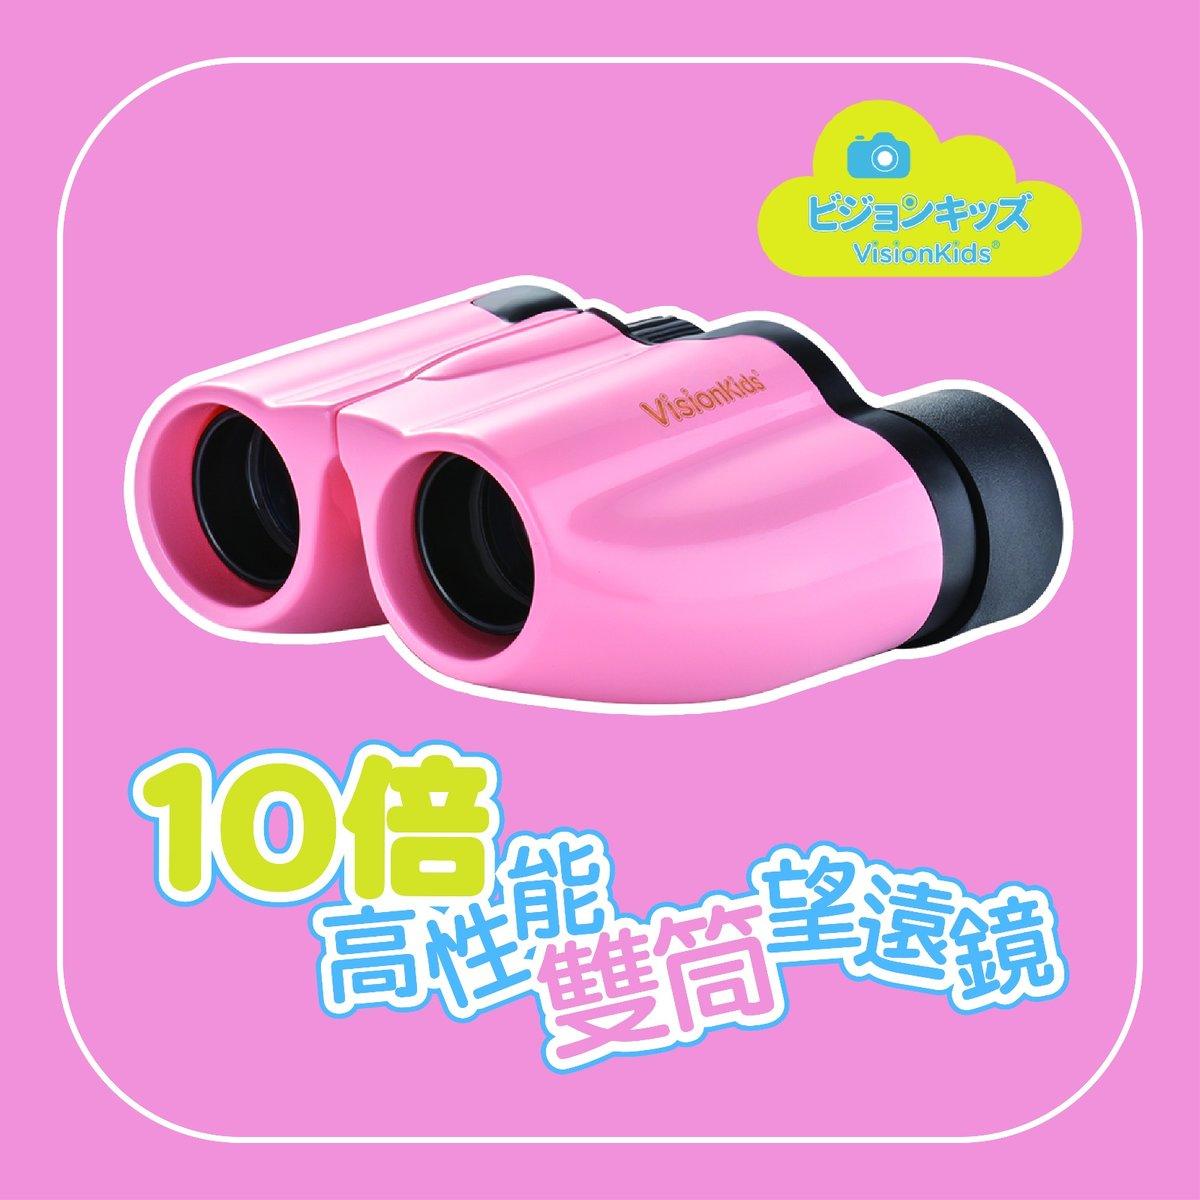 Binoculars 10x高性能雙筒望遠鏡-粉紅色